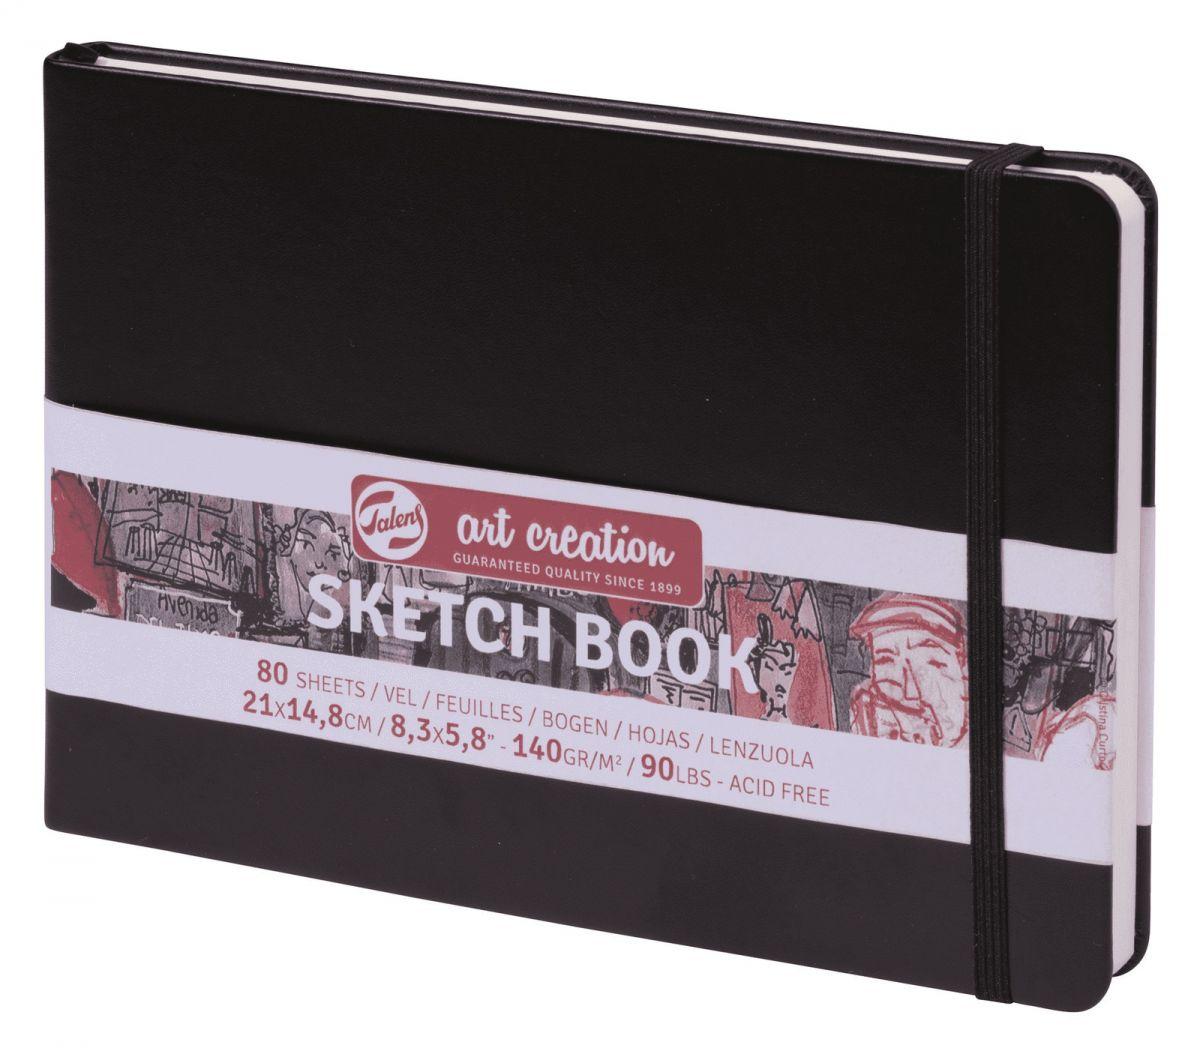 Купить Блокнот для зарисовок Art Creation Пейзаж 21х14, 8 см 80 л 140 г, твердая обложка, черный, Royal Talens